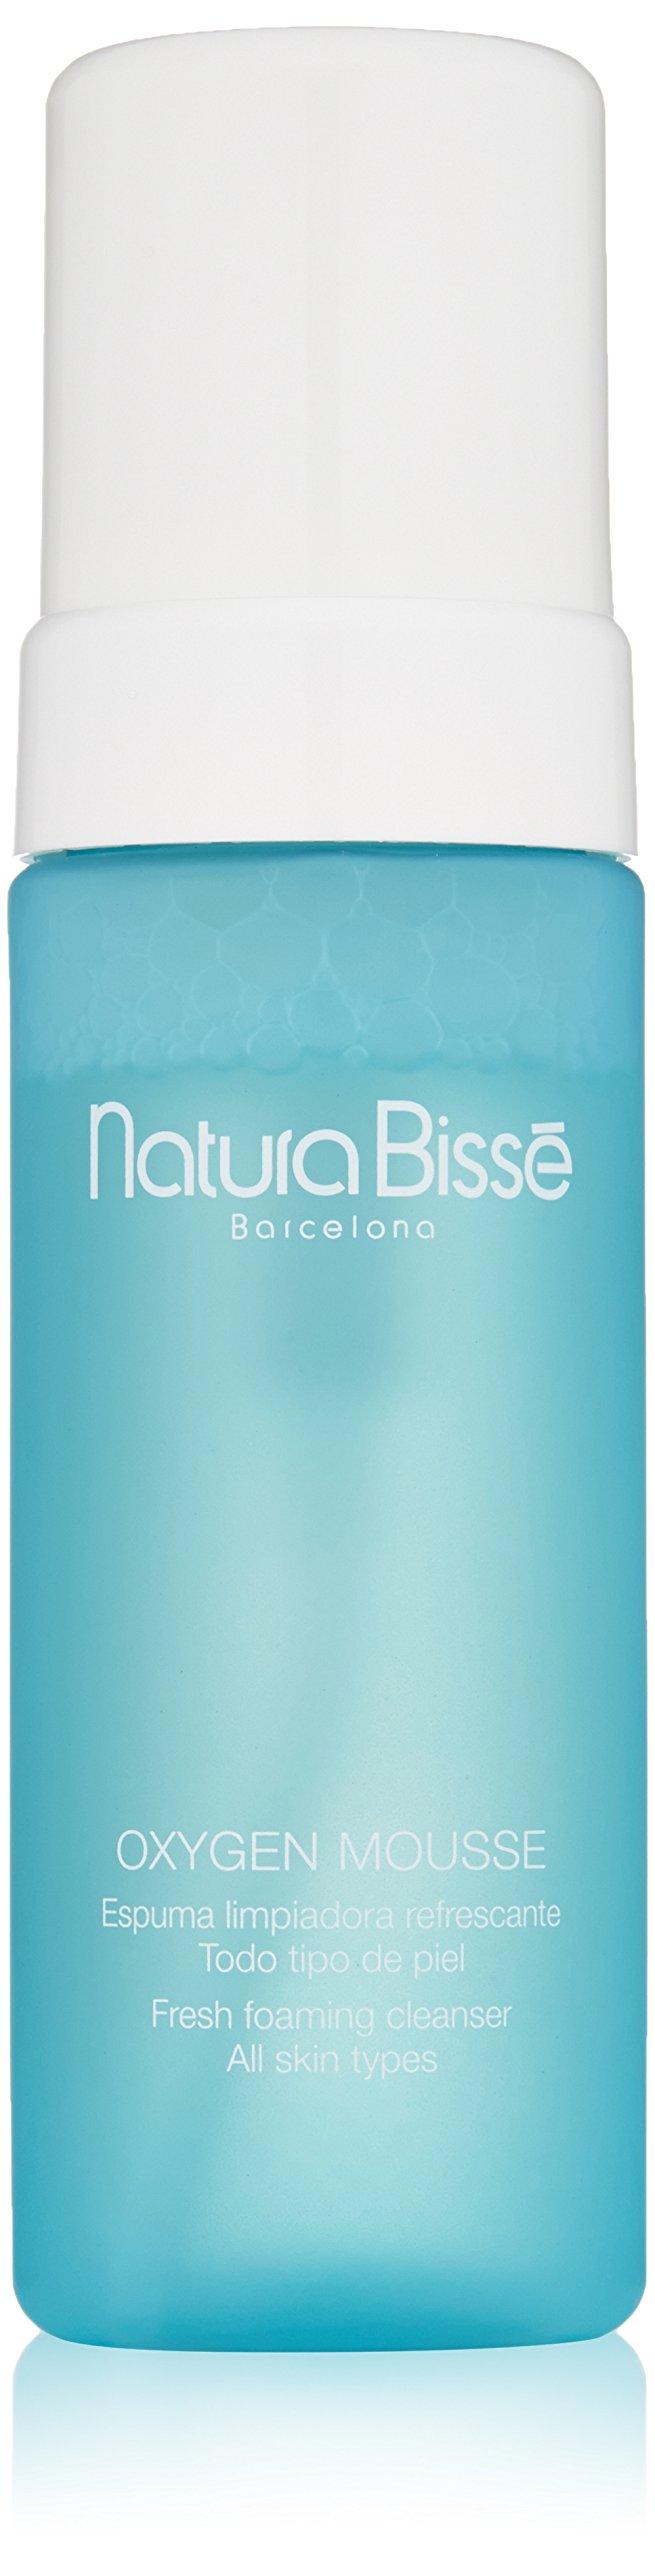 Natura Bisse Oxygen Mousse, 5.3 fl. oz. by Natura Bisse